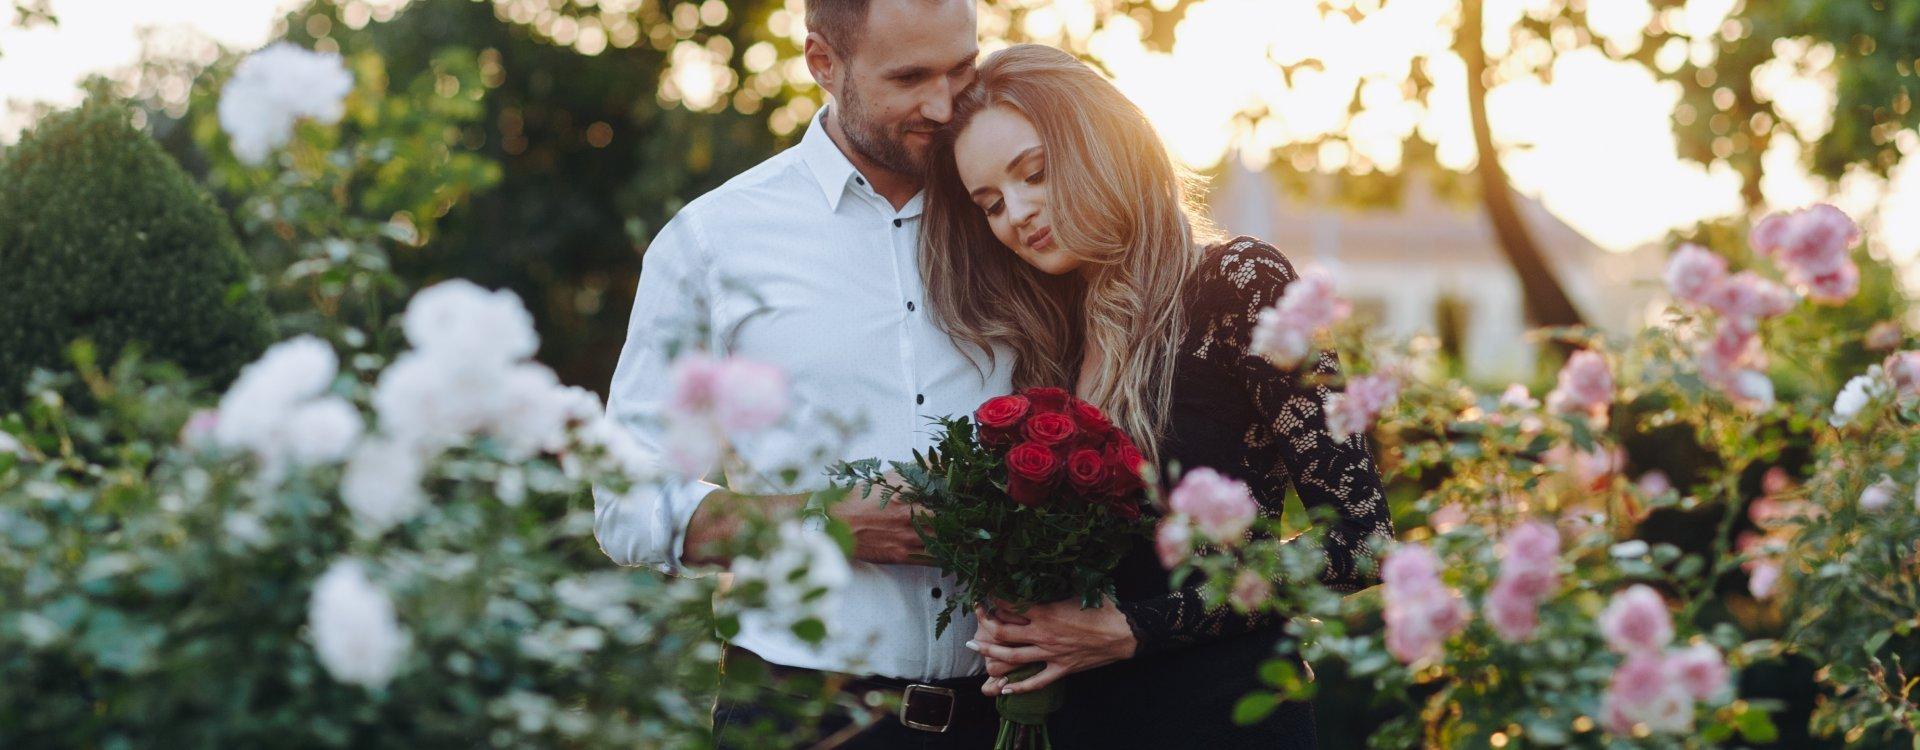 Pobyt Walentynkowy w Pałacu Romantycznym